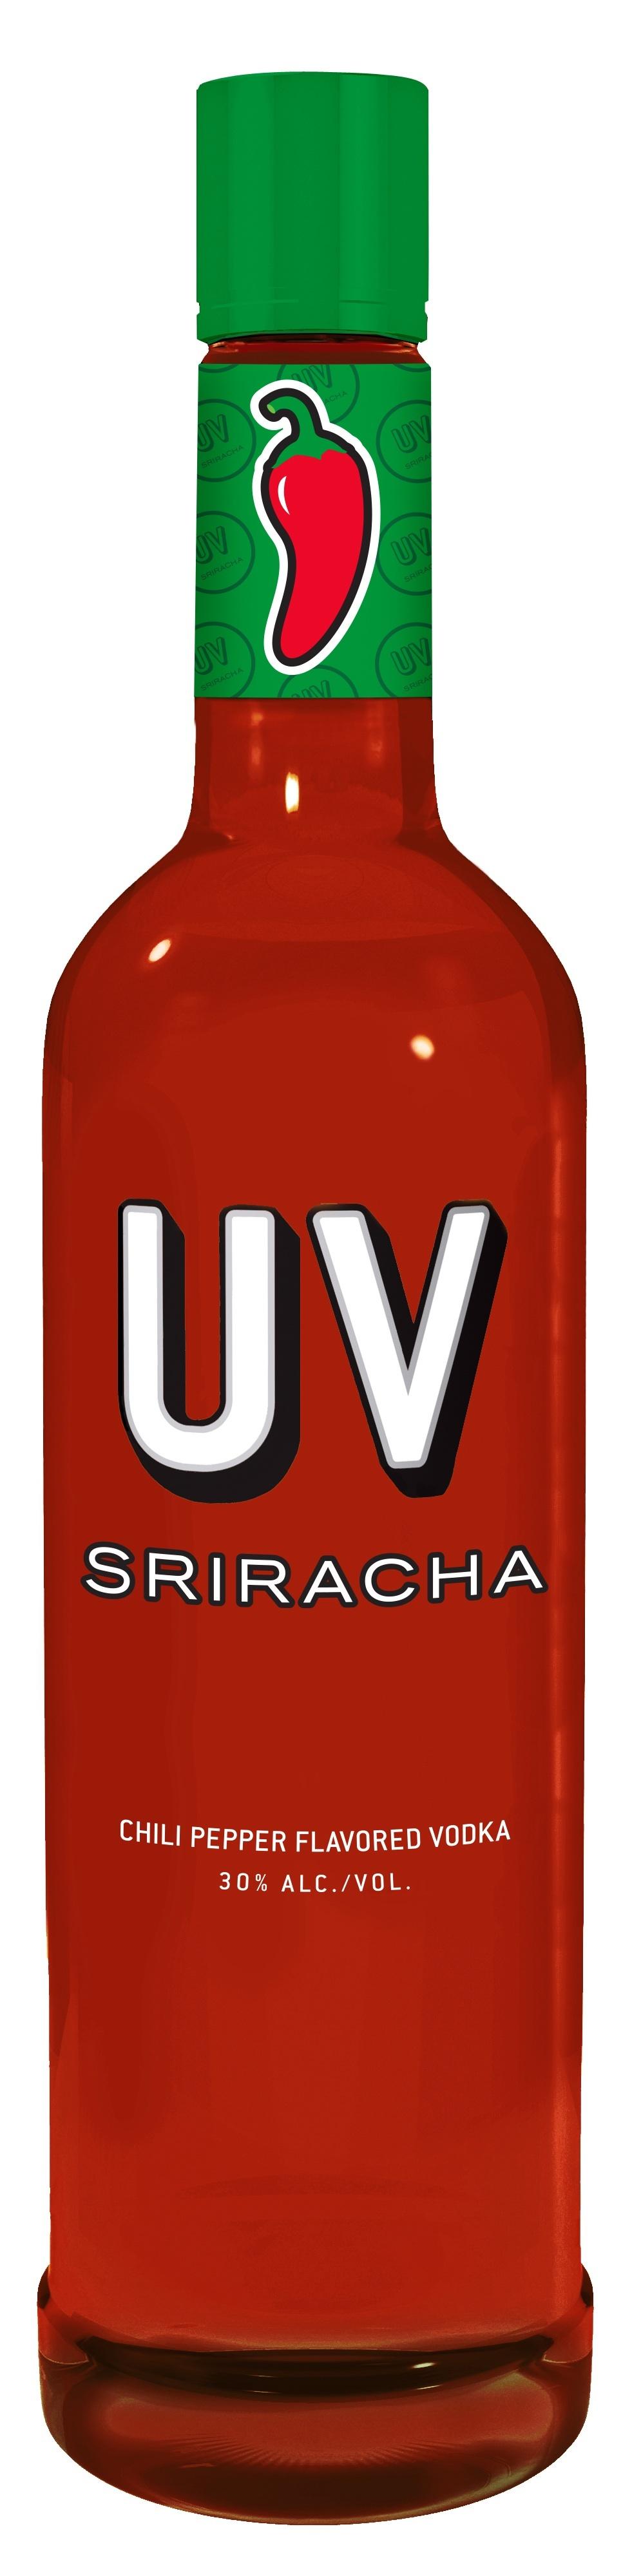 UV Sriracha Vodka (Photo: Business Wire)